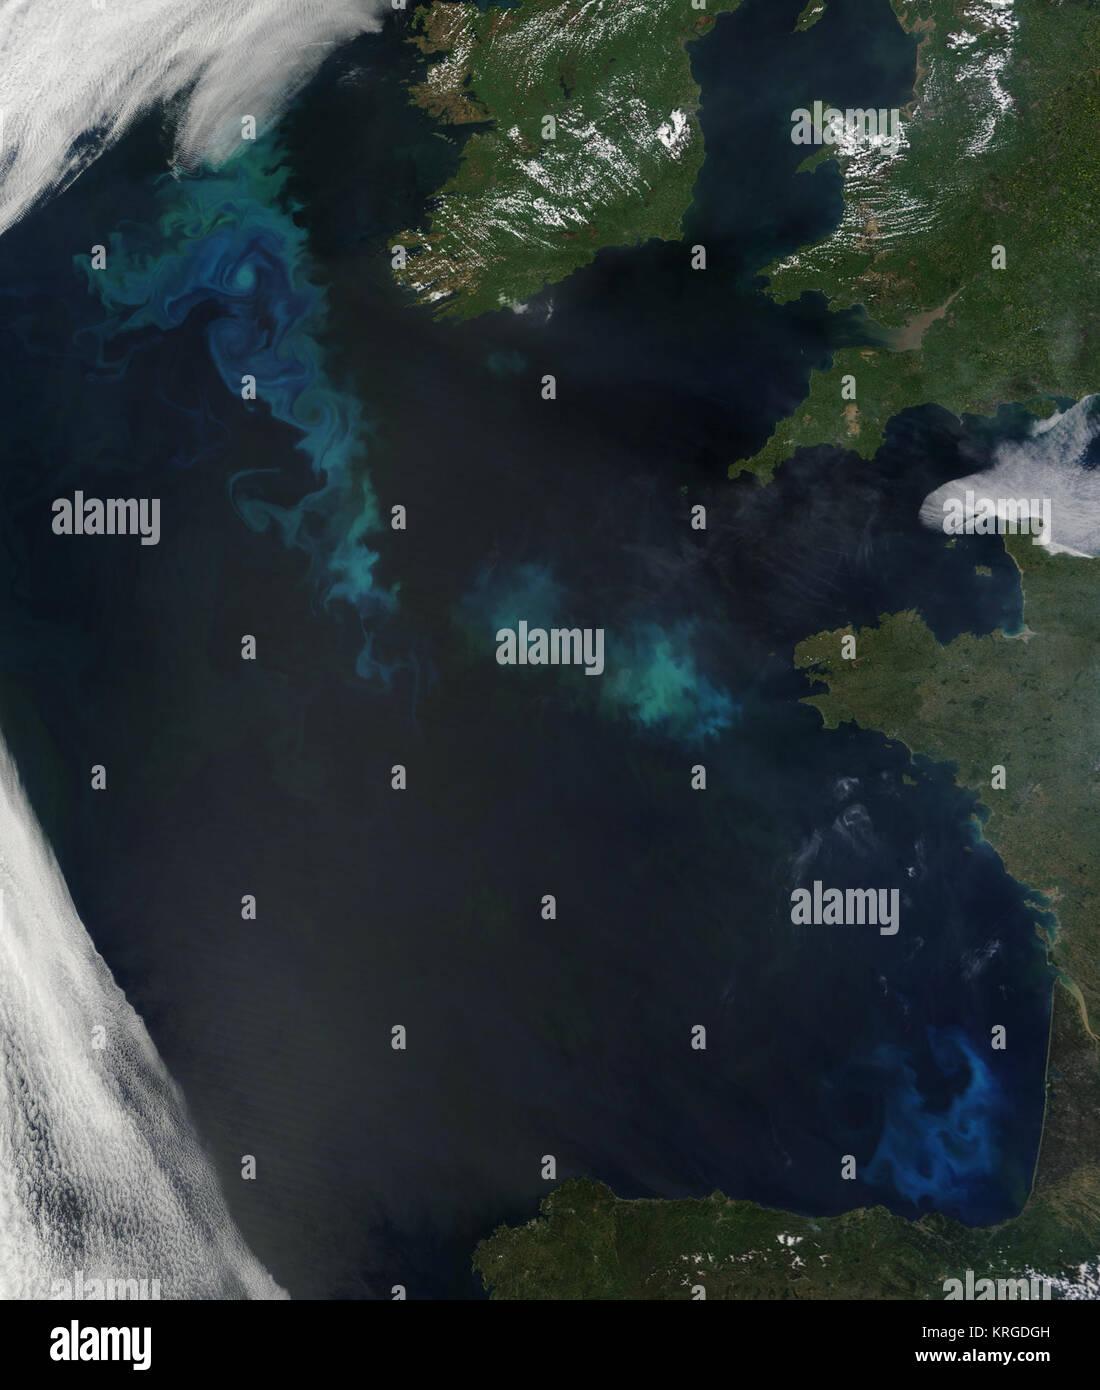 La floraison du phytoplancton dans l'Atlantique Nord Banque D'Images